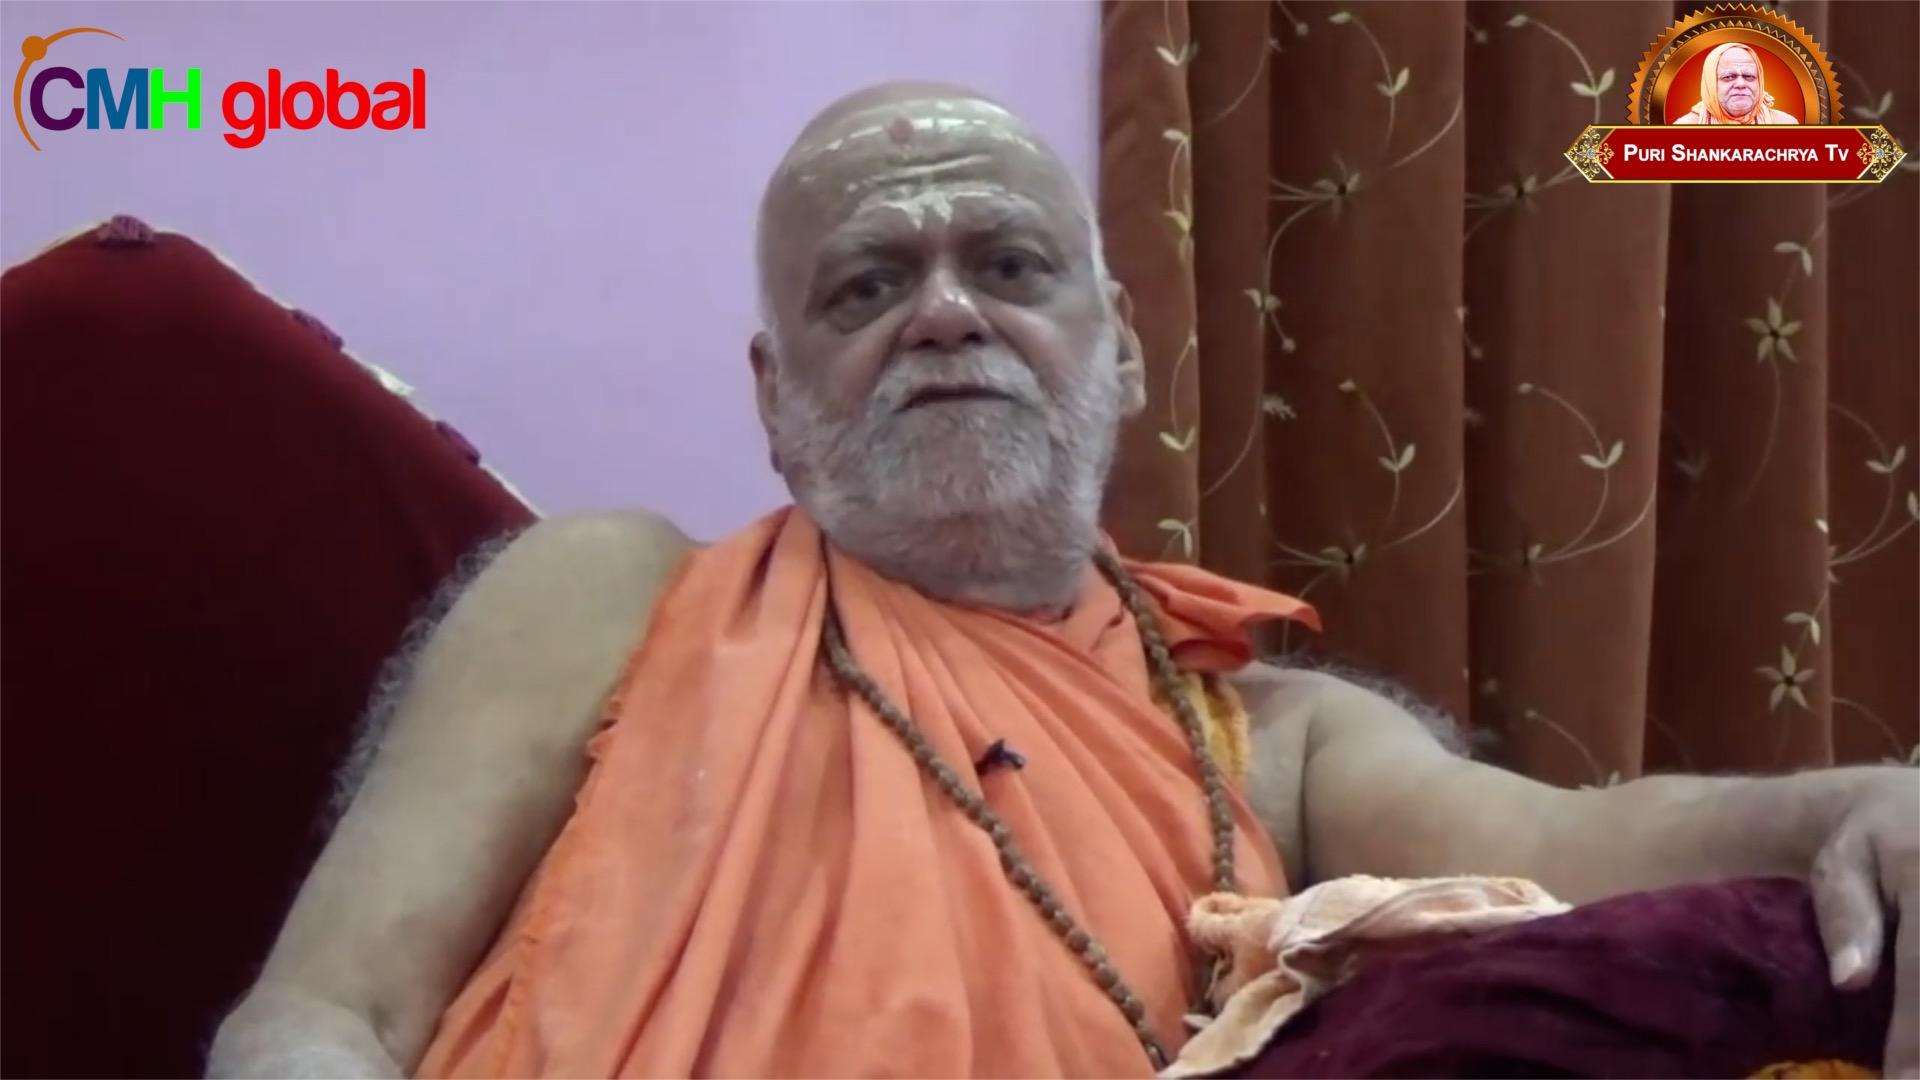 Gyan Dhara Ep -63 by Puri Shankaracharya Swami Nishchalananda Saraswati Ji